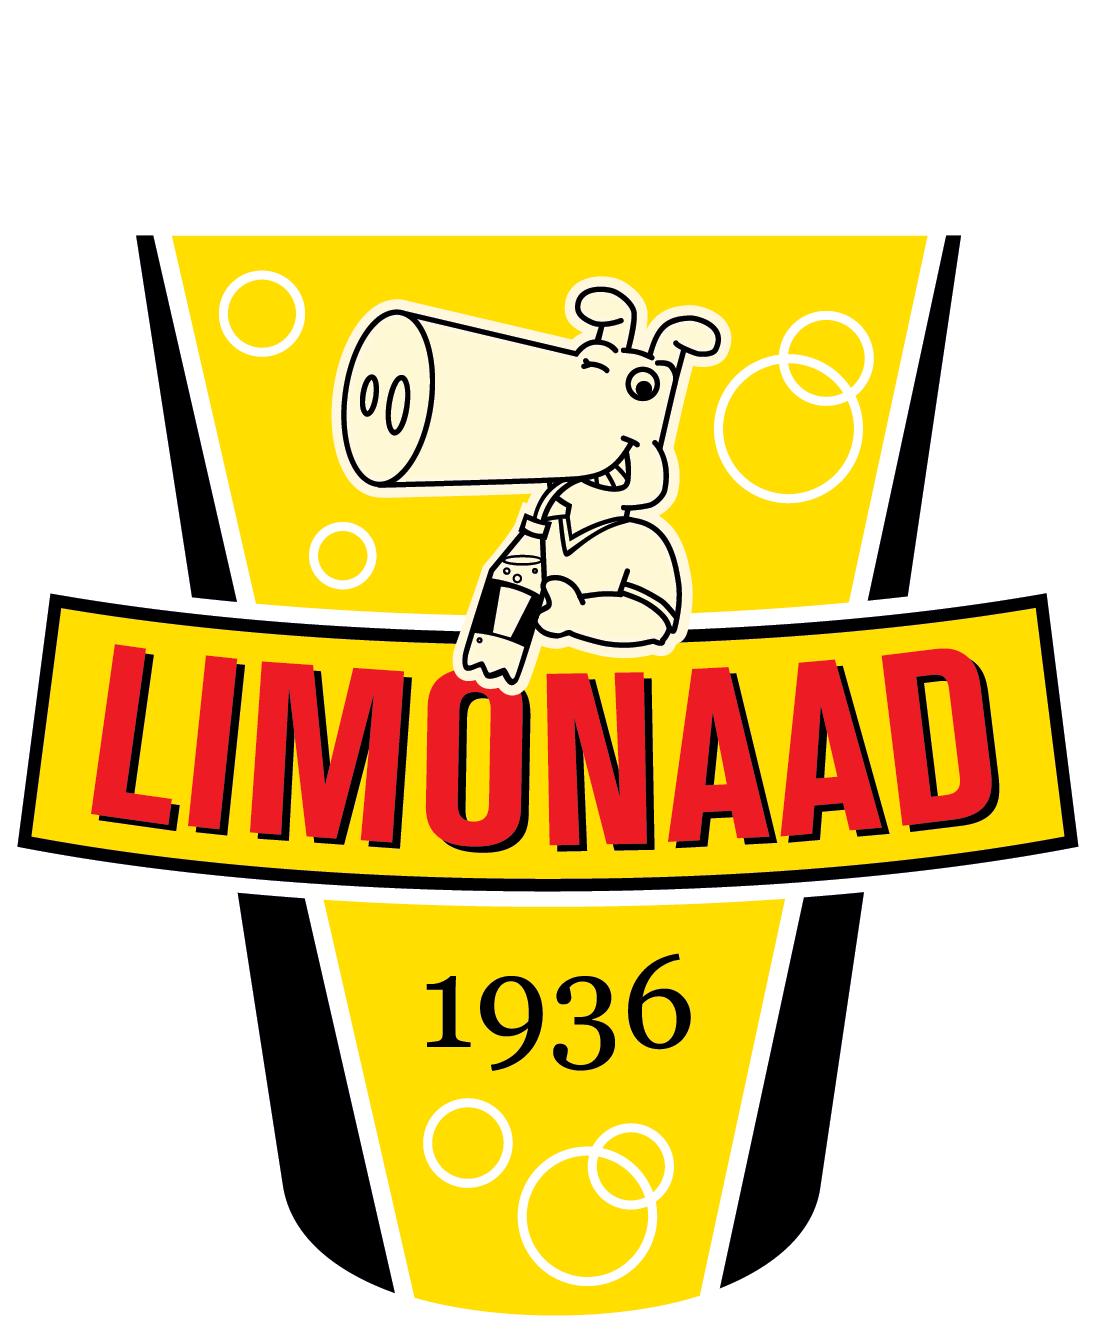 Limonaad